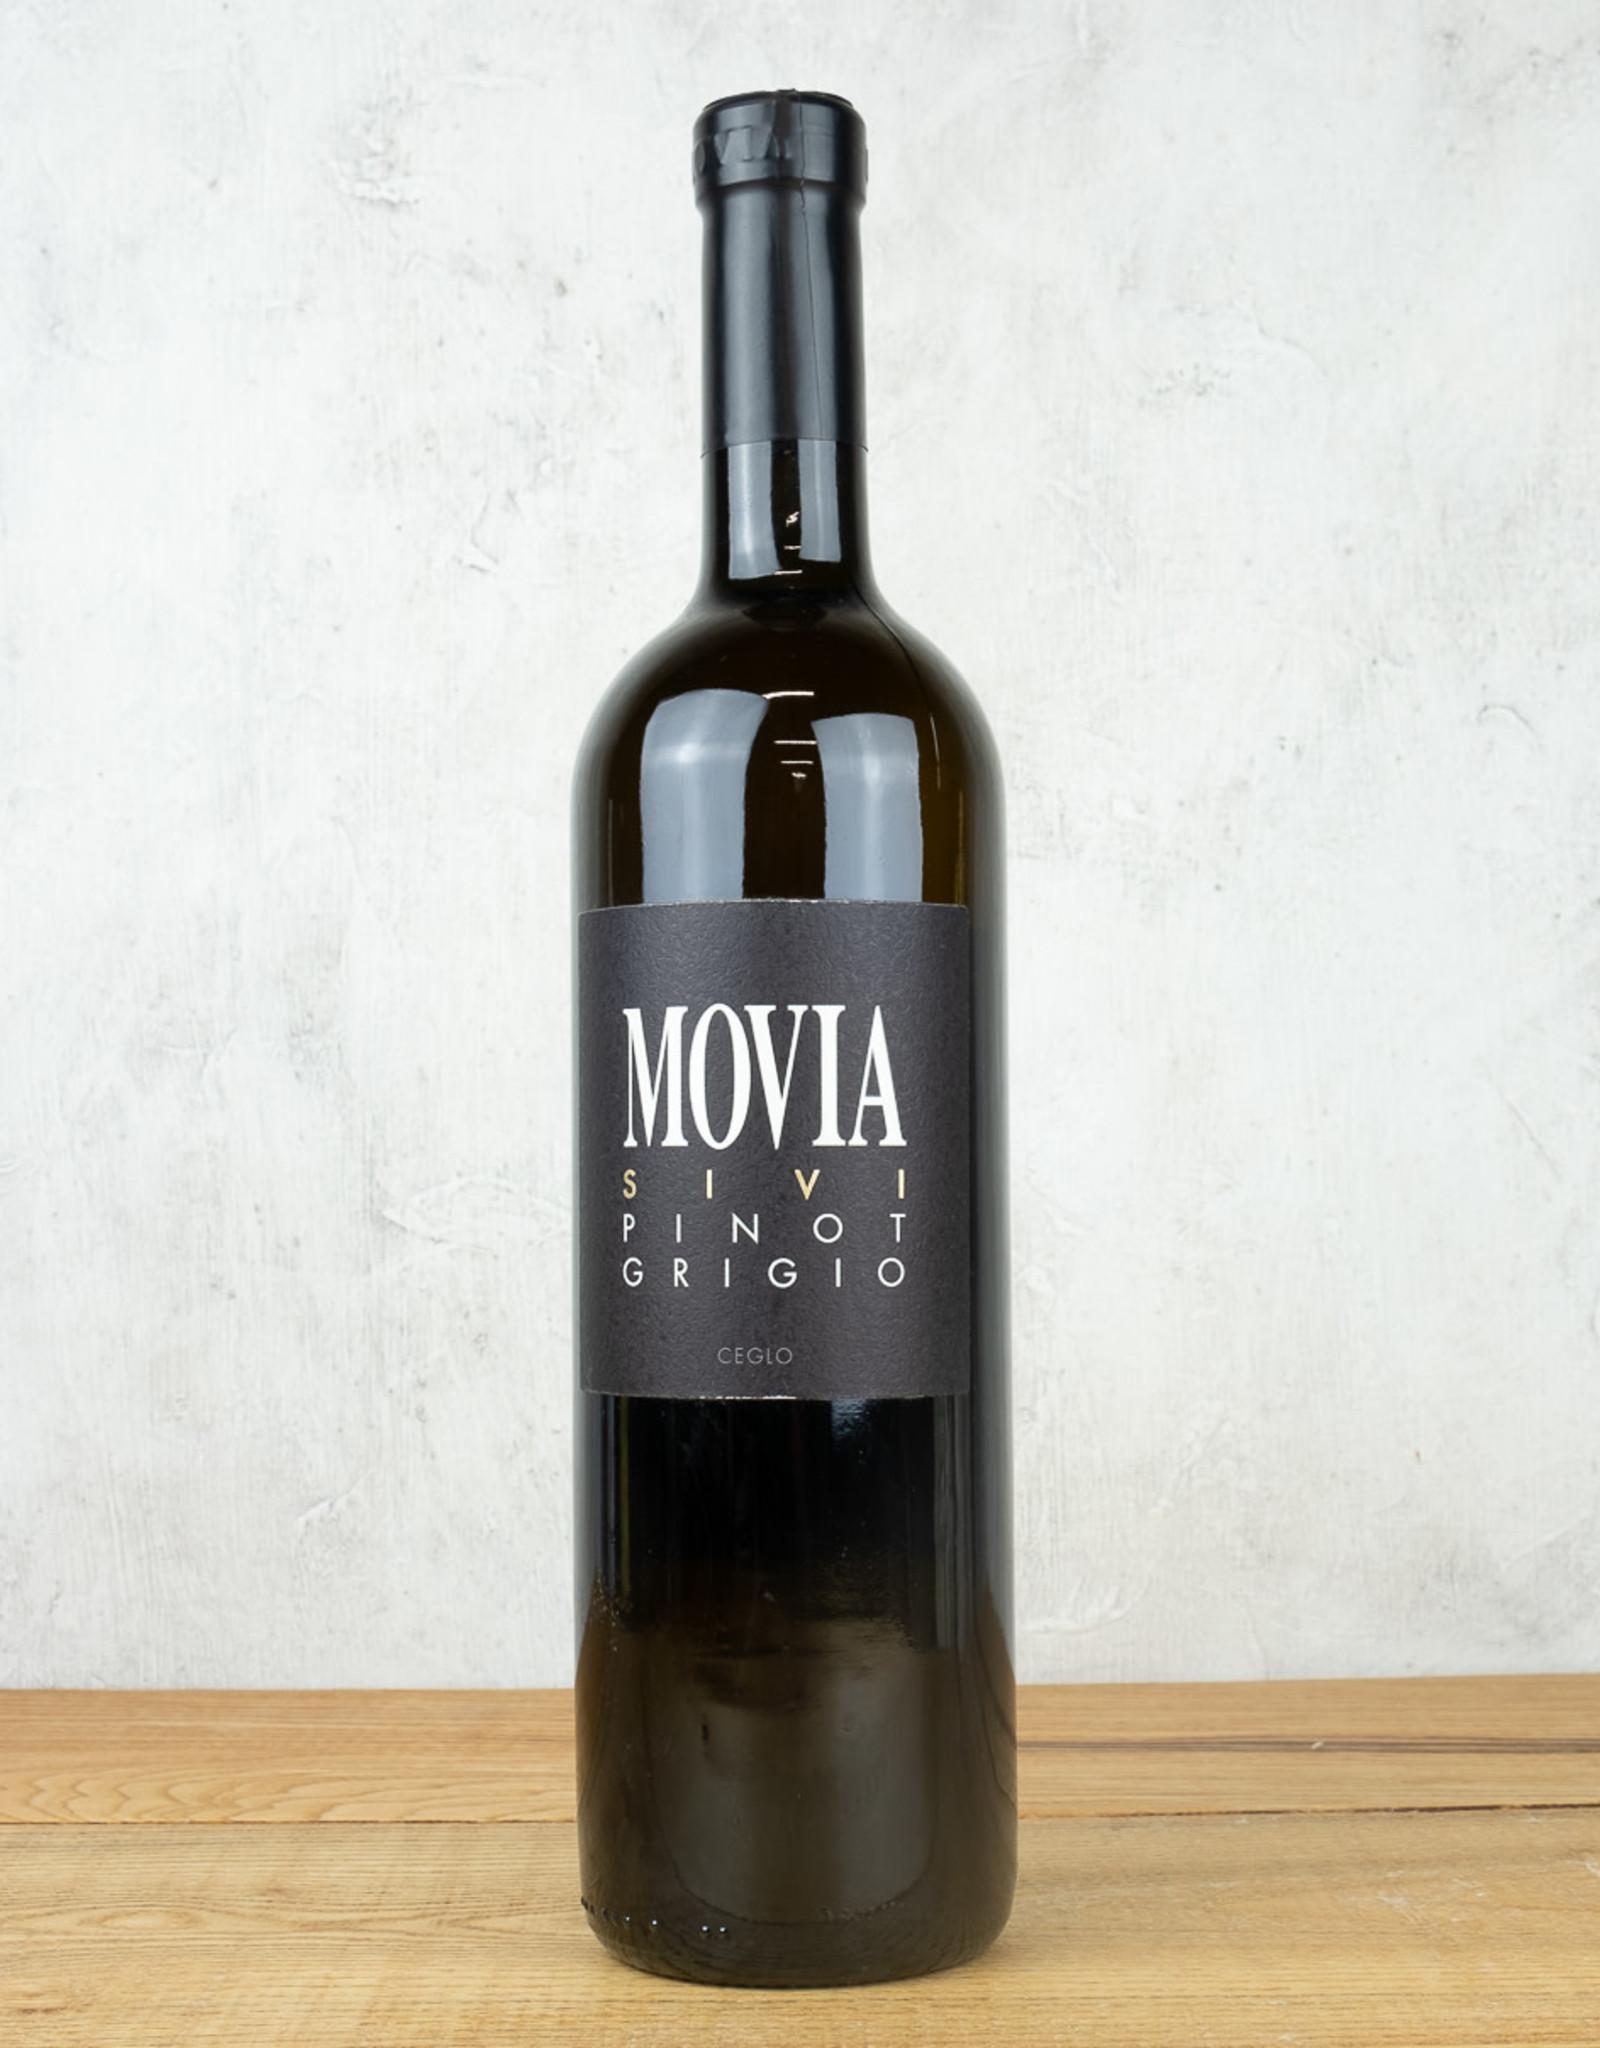 Movia Pinot Grigio